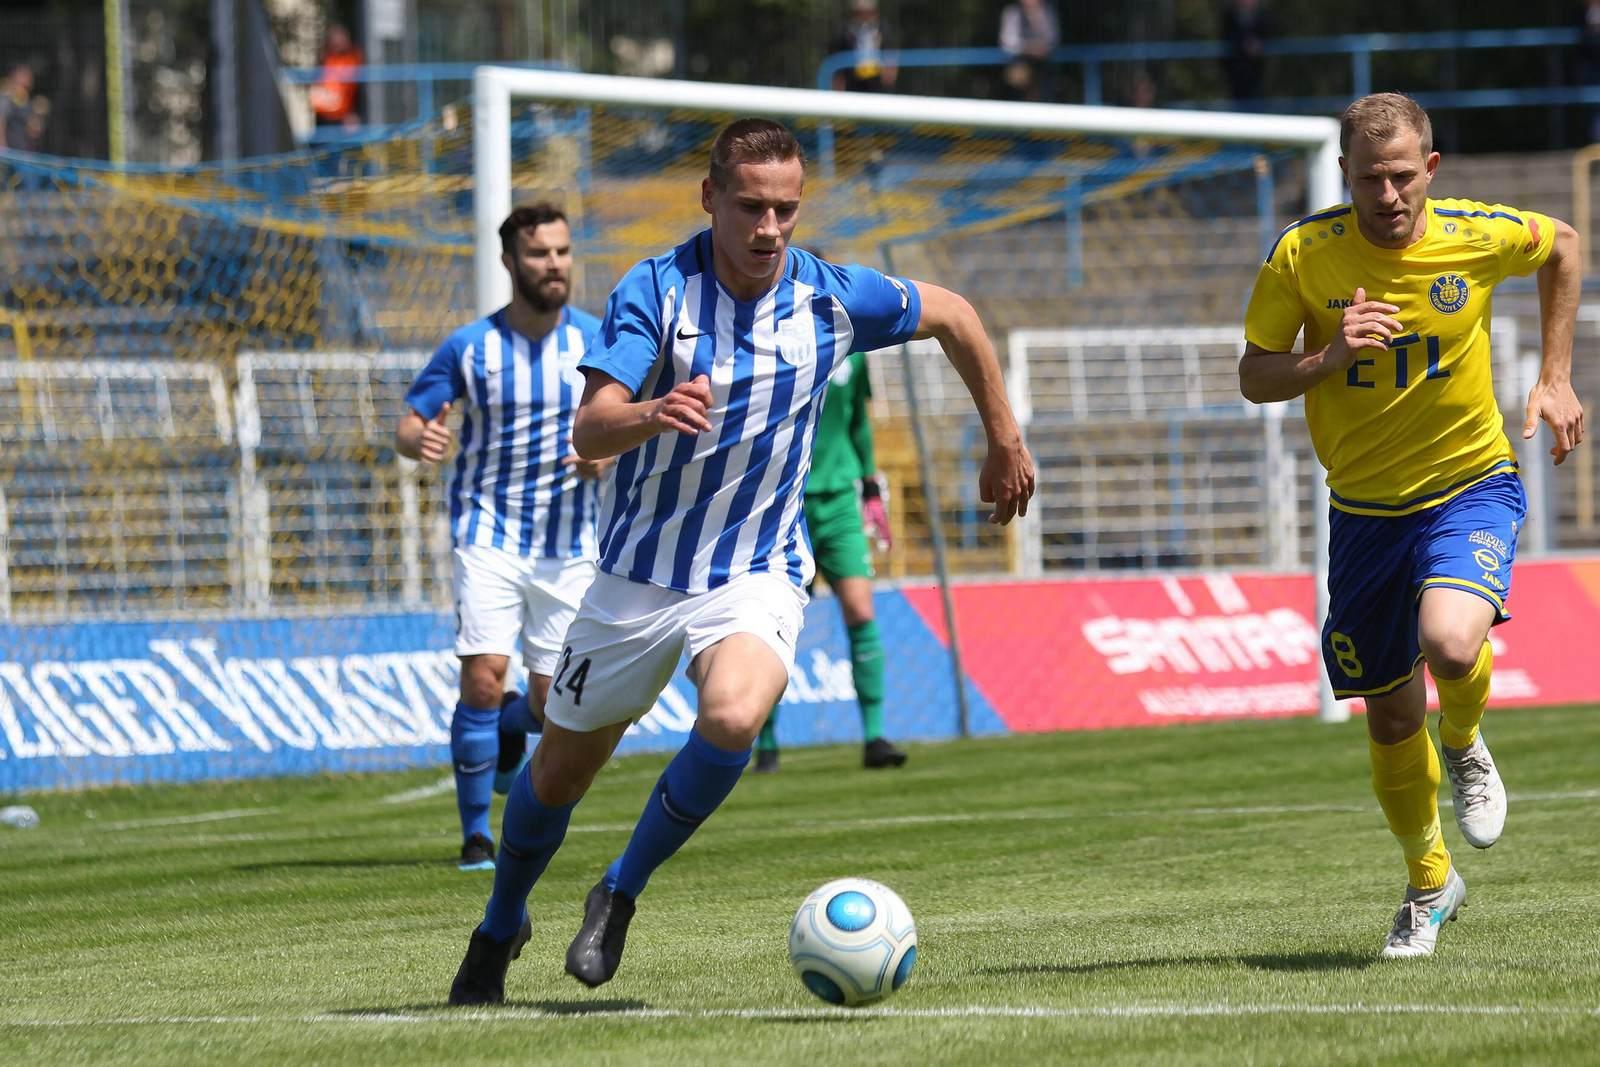 Collin von Brezinski am Ball für den FC Oberlausitz Neugersdorf